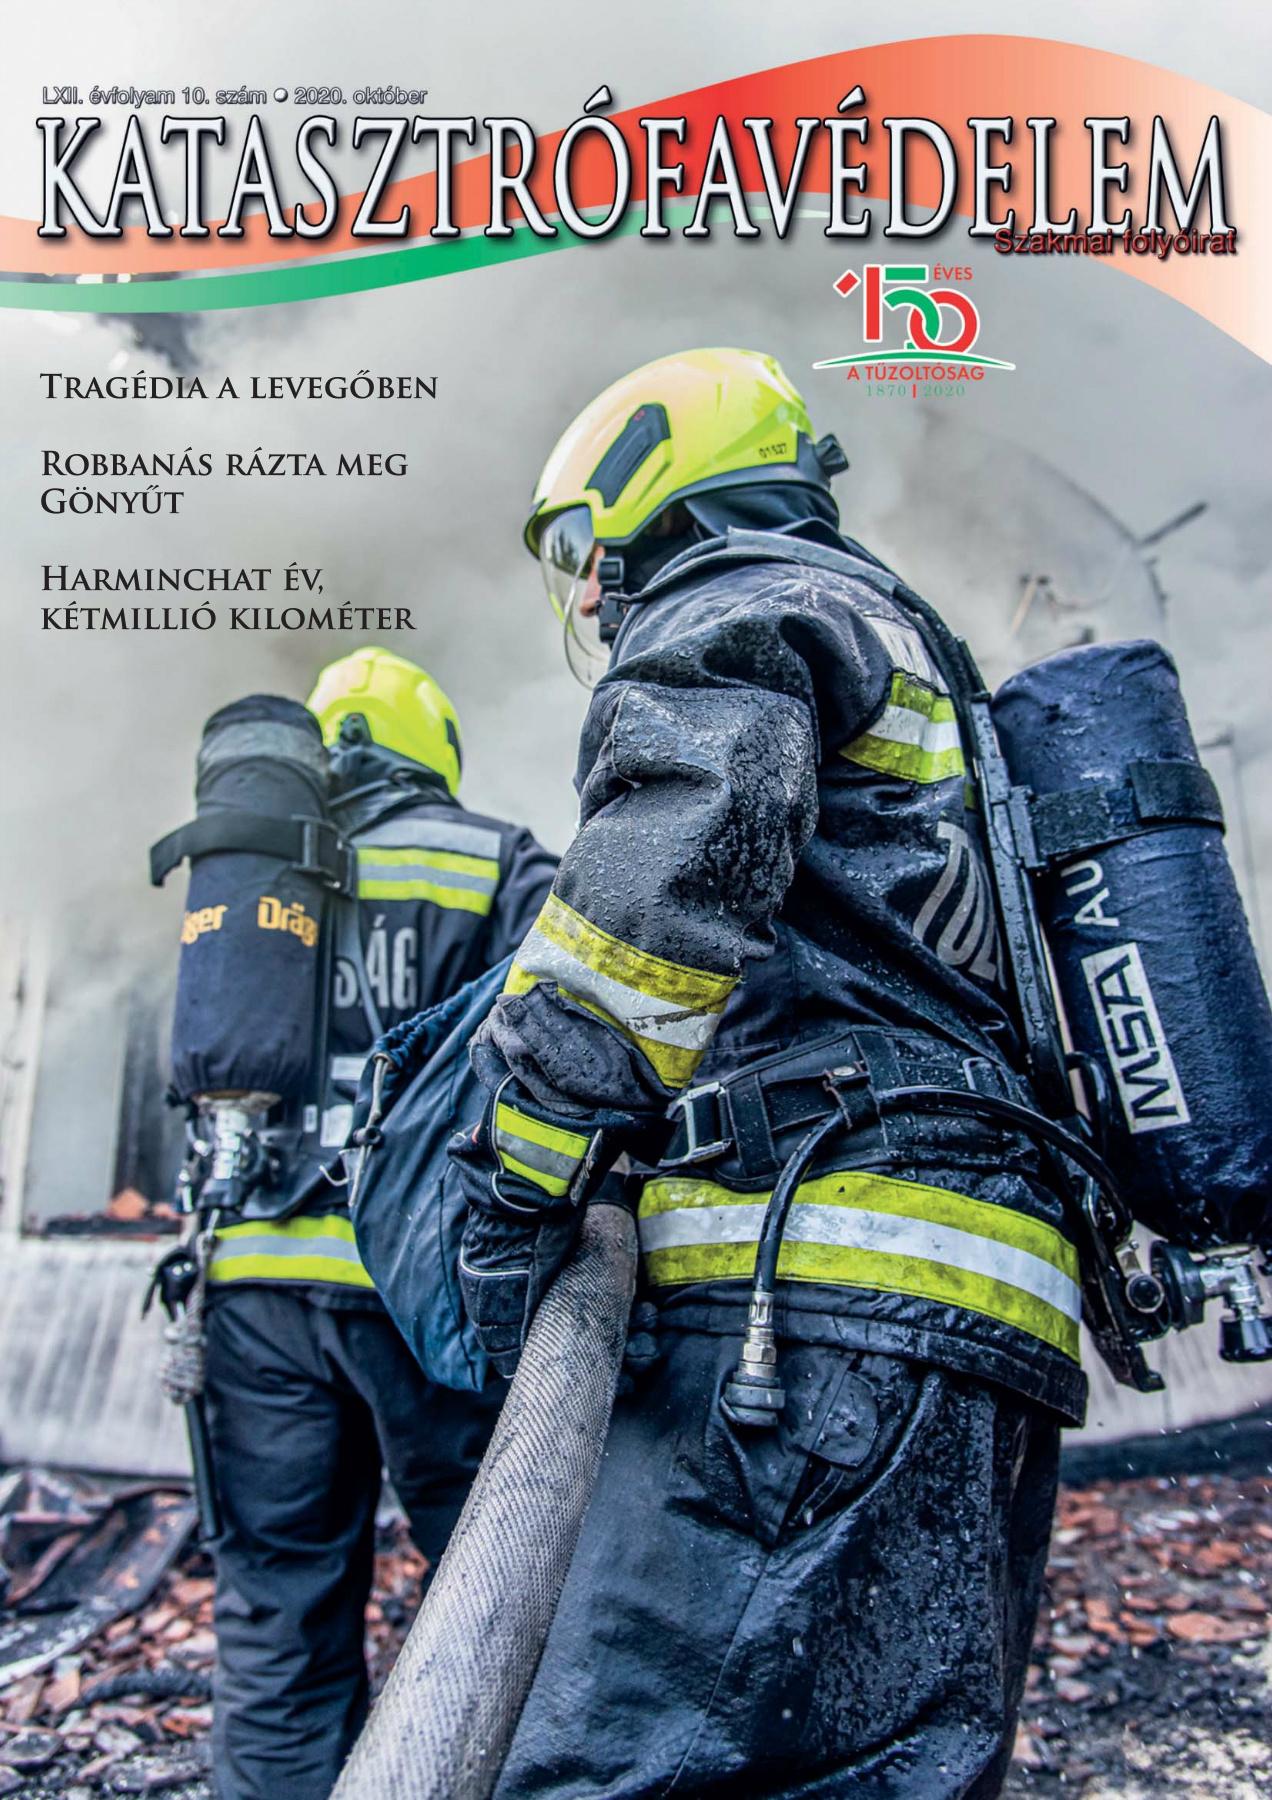 A Katasztrófavédelem magazin LXII. évfolyam 10. szám megtekintése